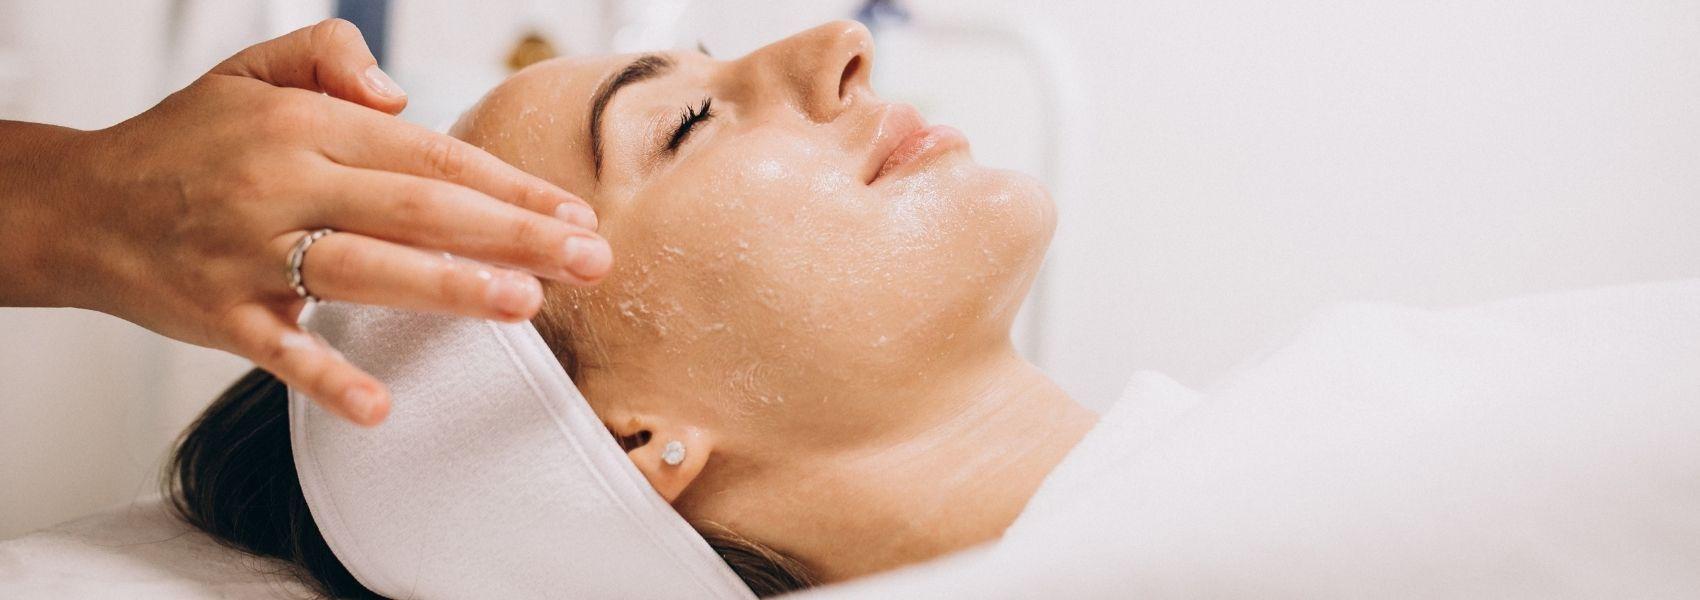 Rejuvenescimento facial: cada vez mais procura de tratamentos minimamente invasivos